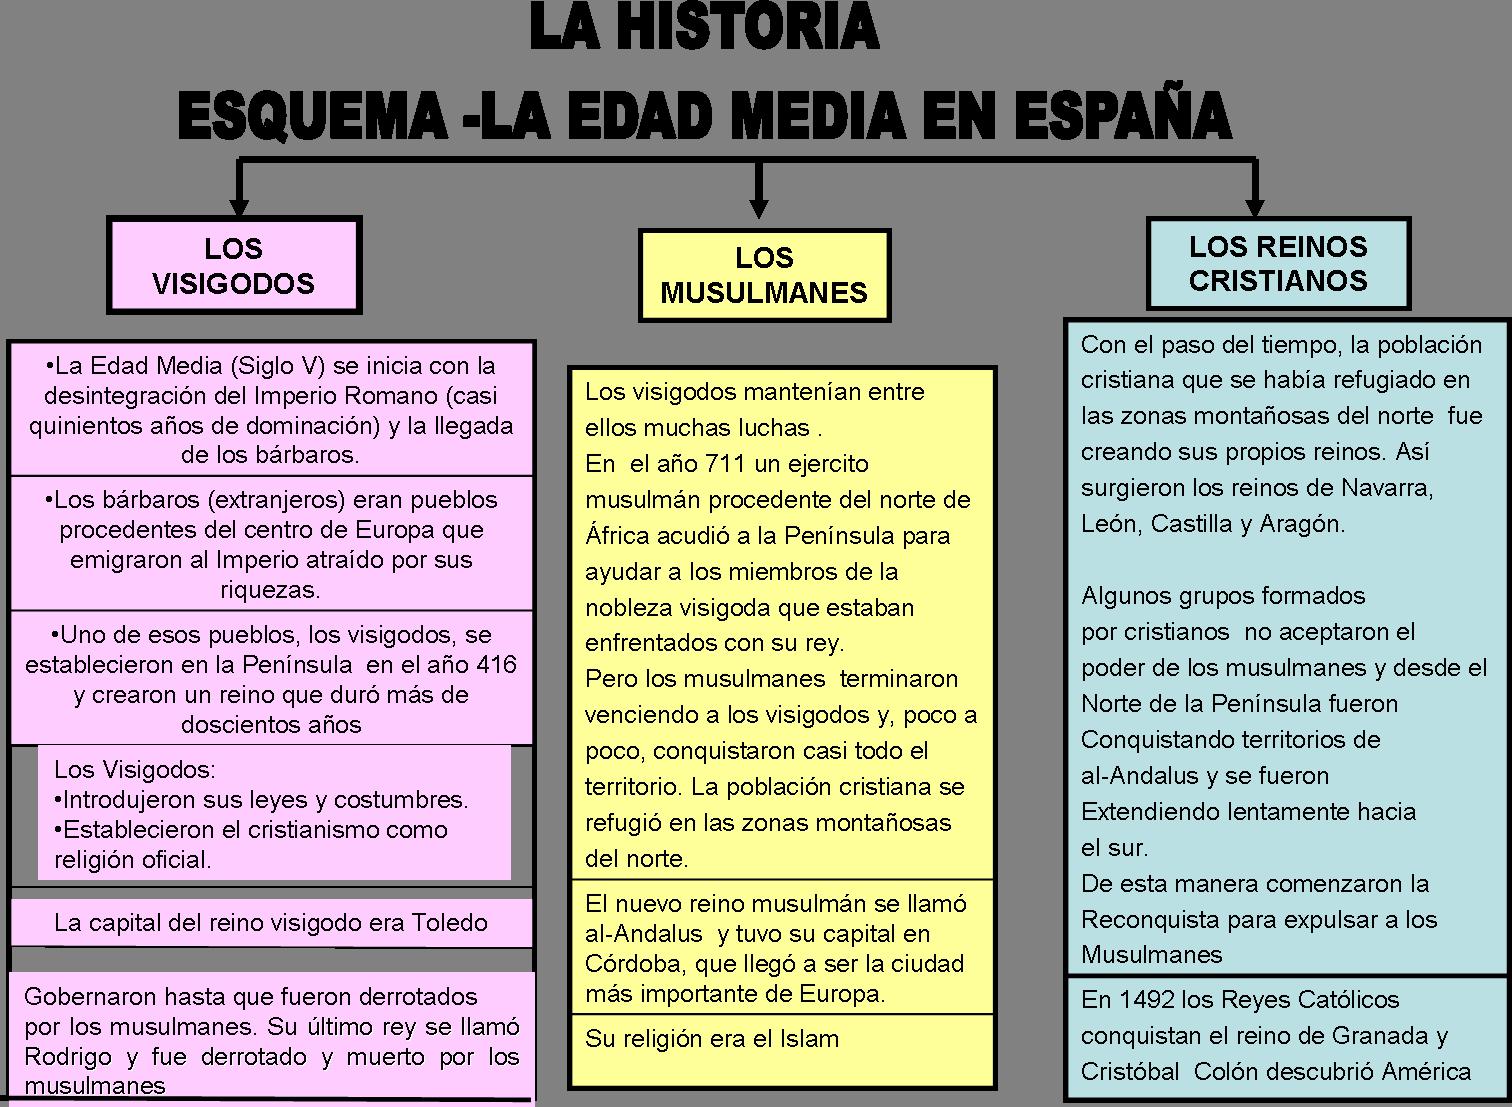 España media